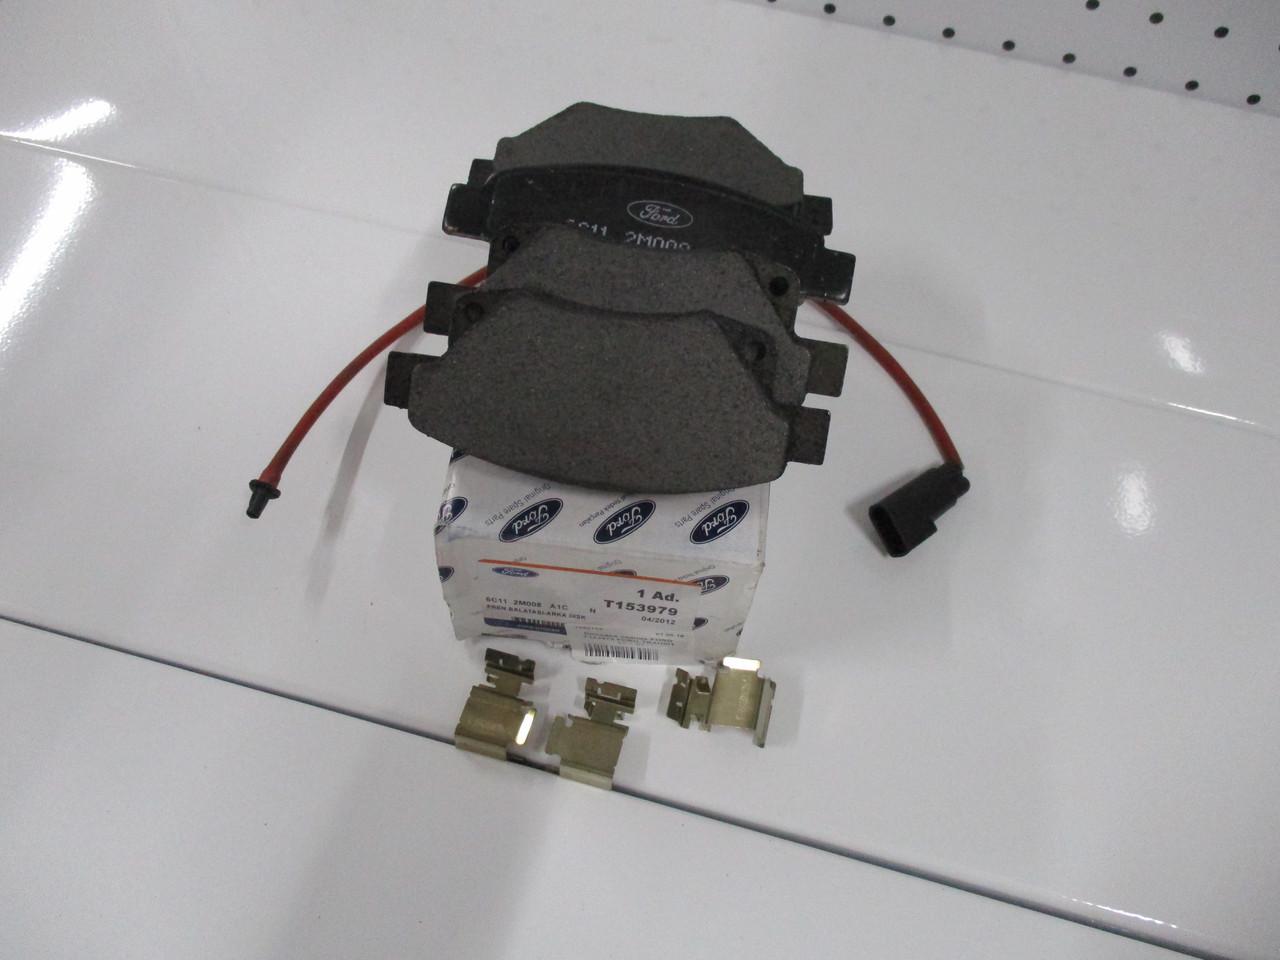 Колодки задние Hi-Q SP1257 CHEVROLET LACETTI после 2007